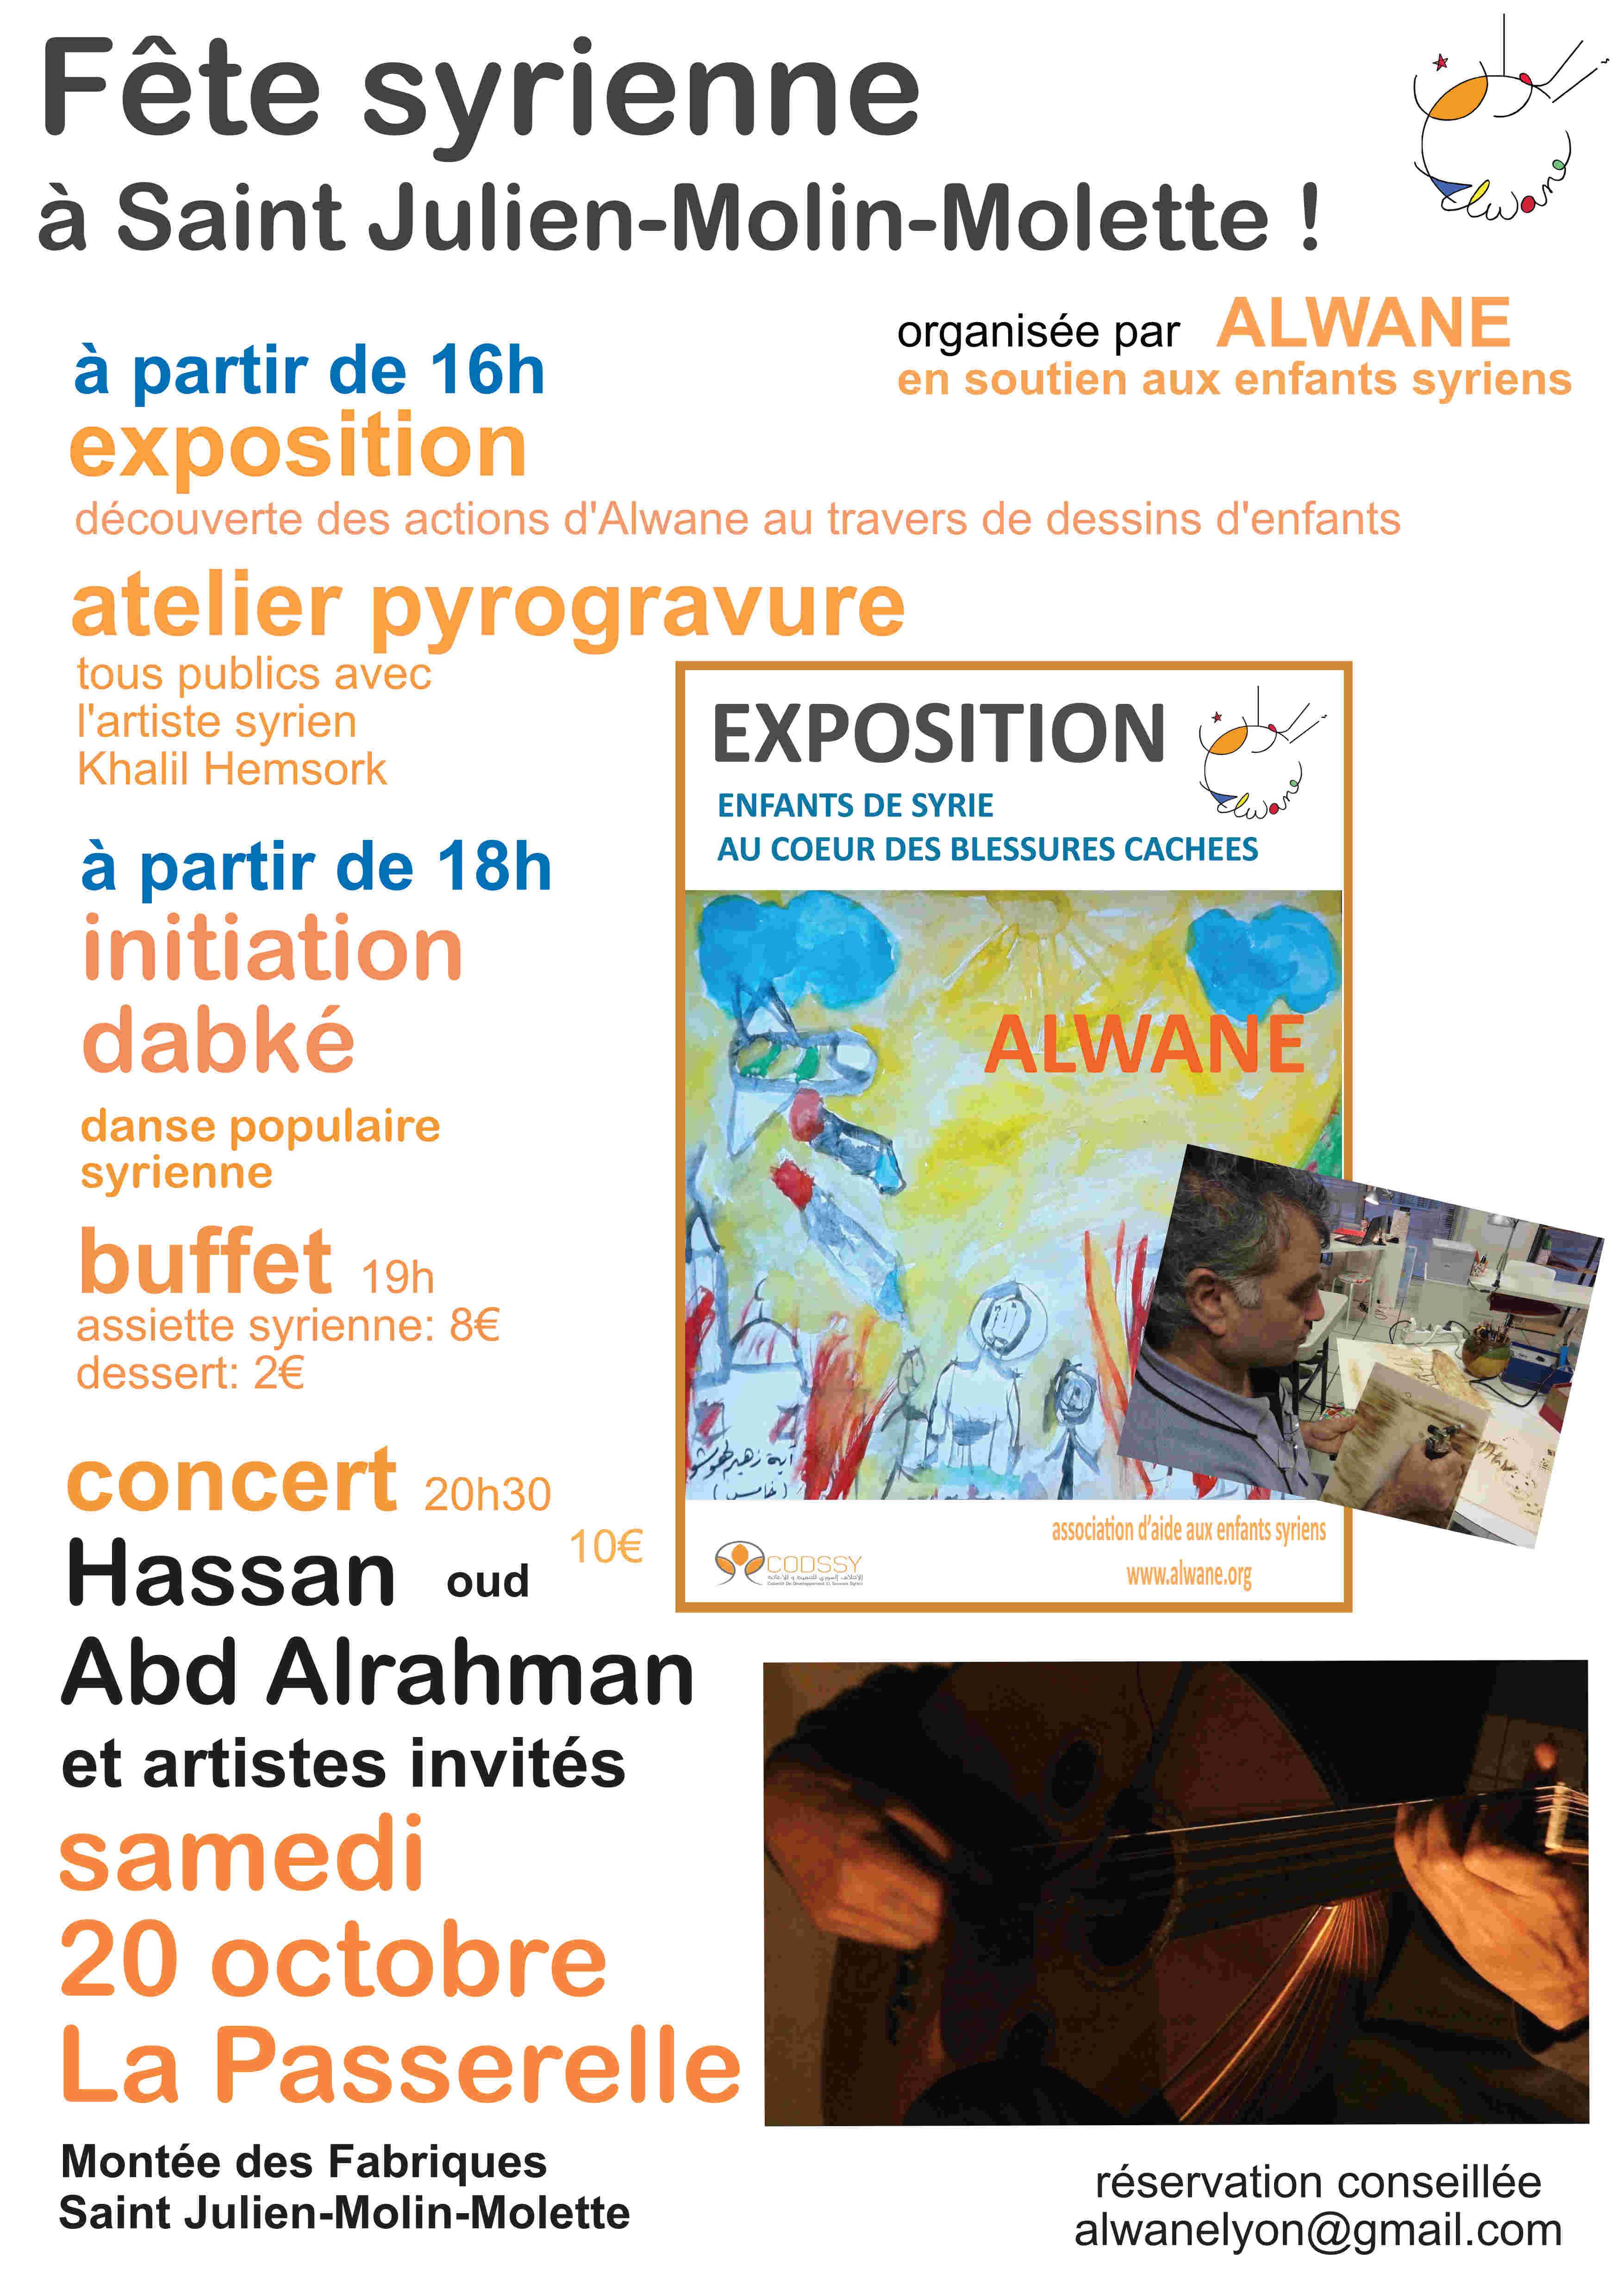 Fête syrienne à Saint Julien-Molin-Molette!